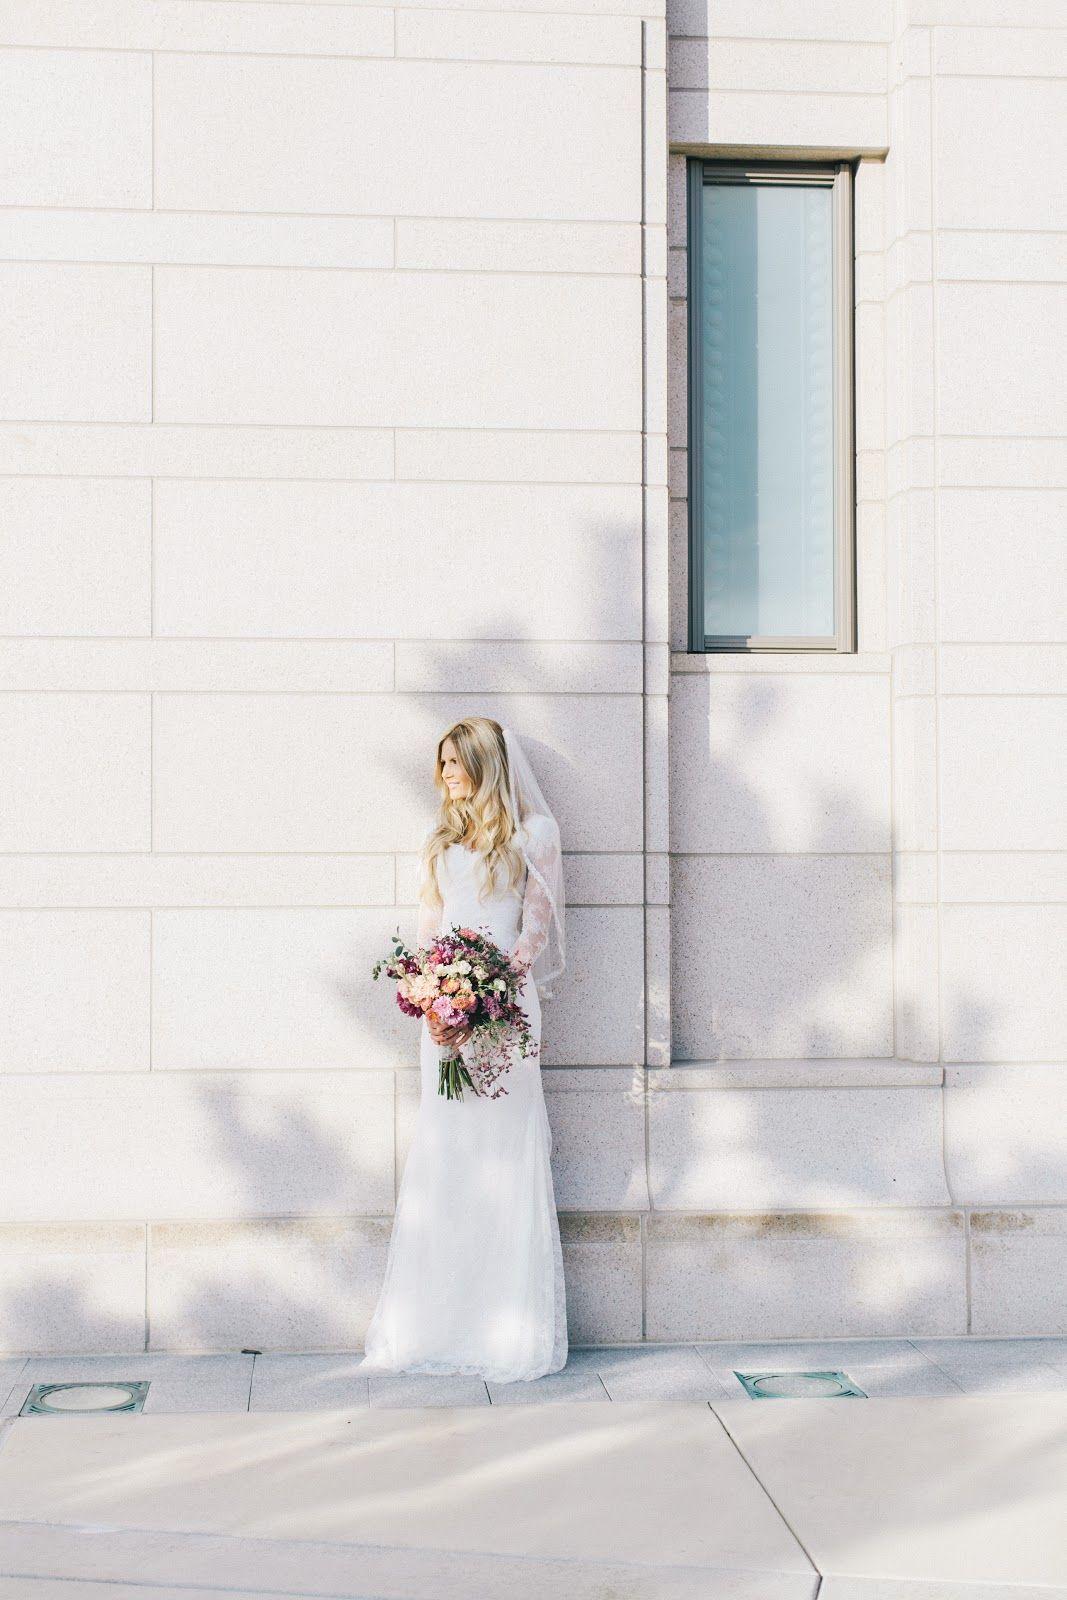 AMBER_DAVID_FORMALS__ciara+richardson_photography_lifestyle_wedding_utah_103.jpg 1,067×1,600 pixels